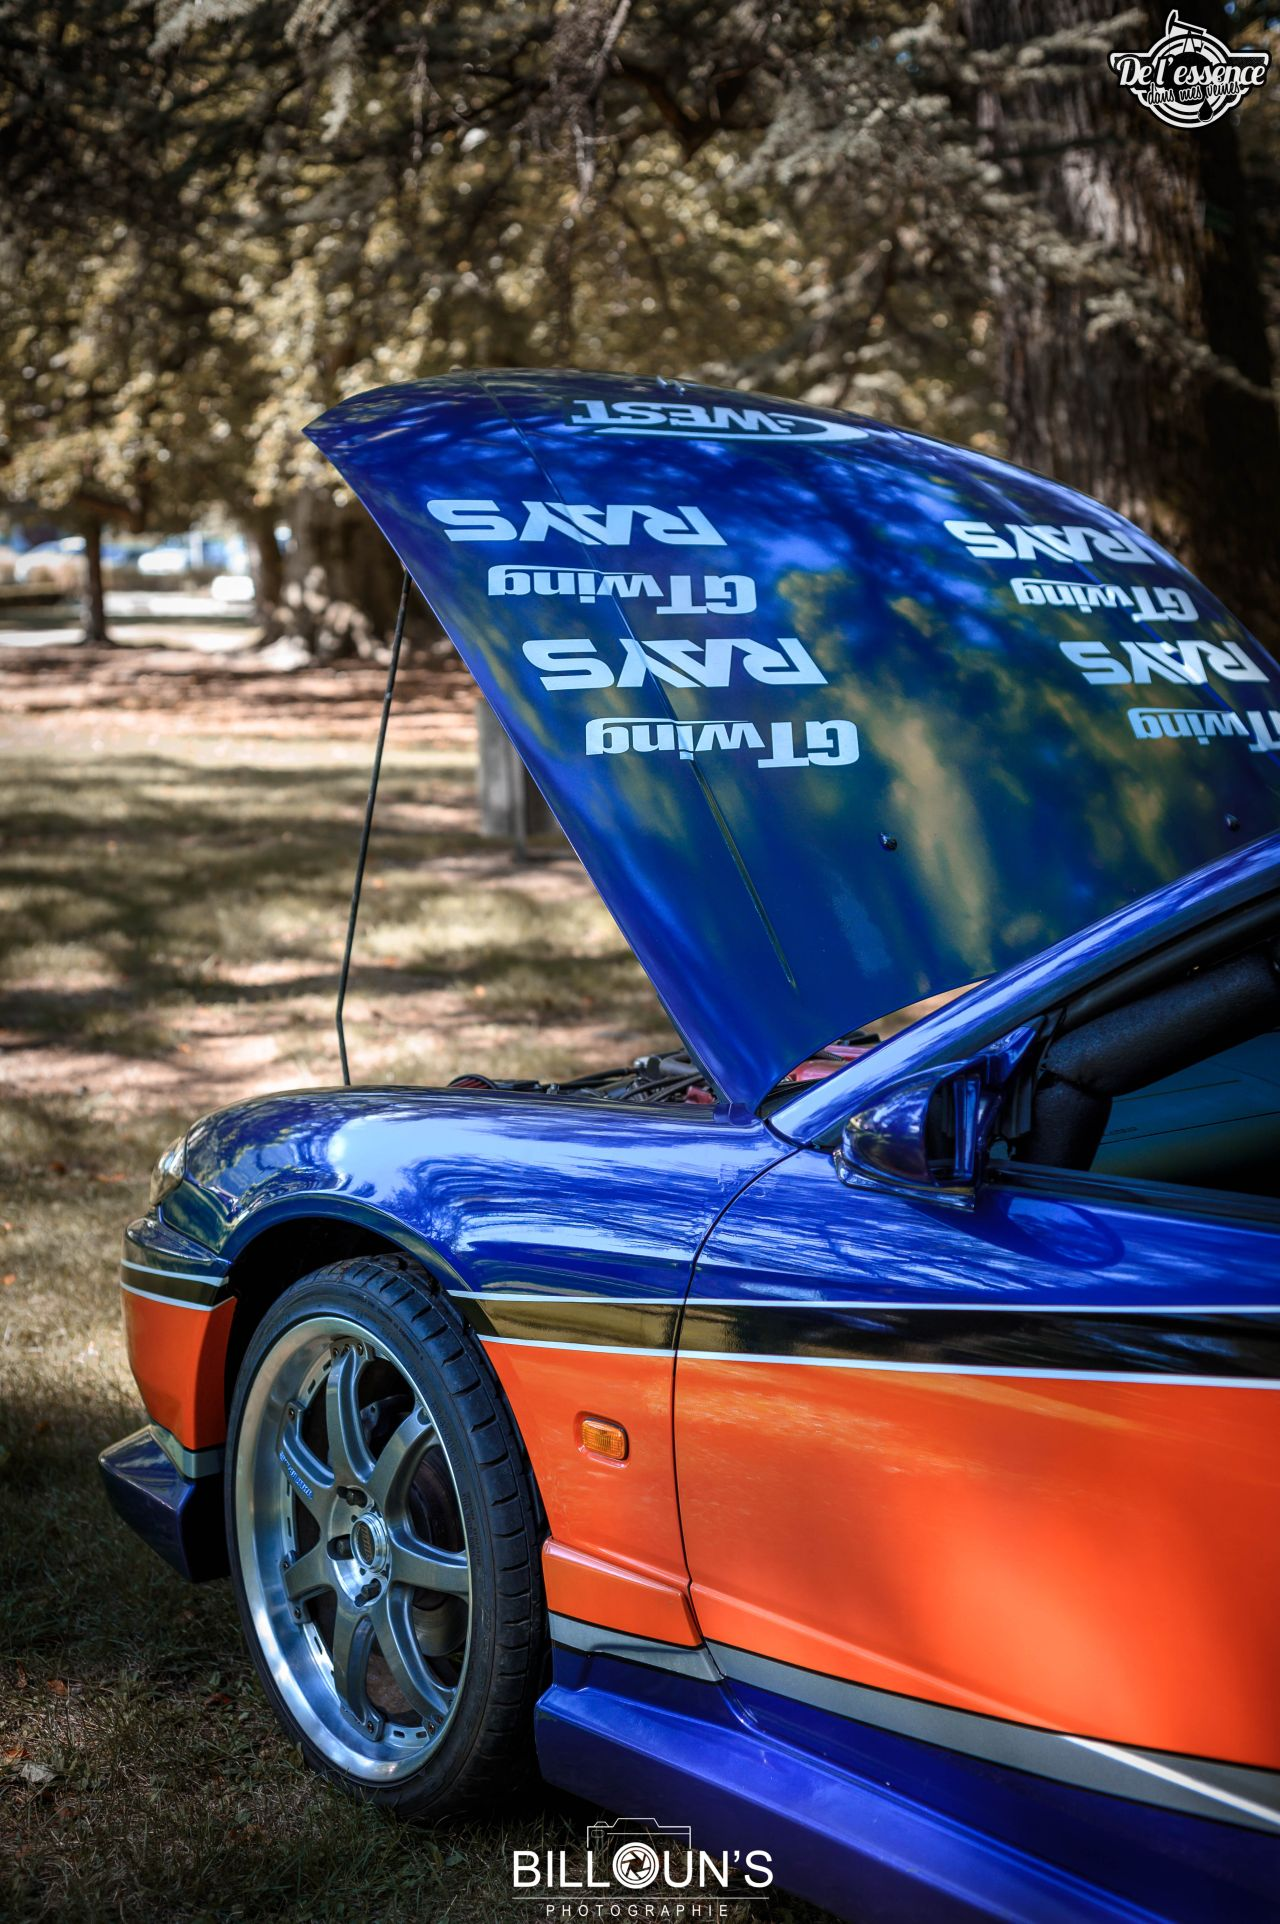 """La Nissan Silvia S15 Autech de Mickaël- """"Alors n'abîme pas sa Mona"""" (parce que c'est la vraie) ! 33"""